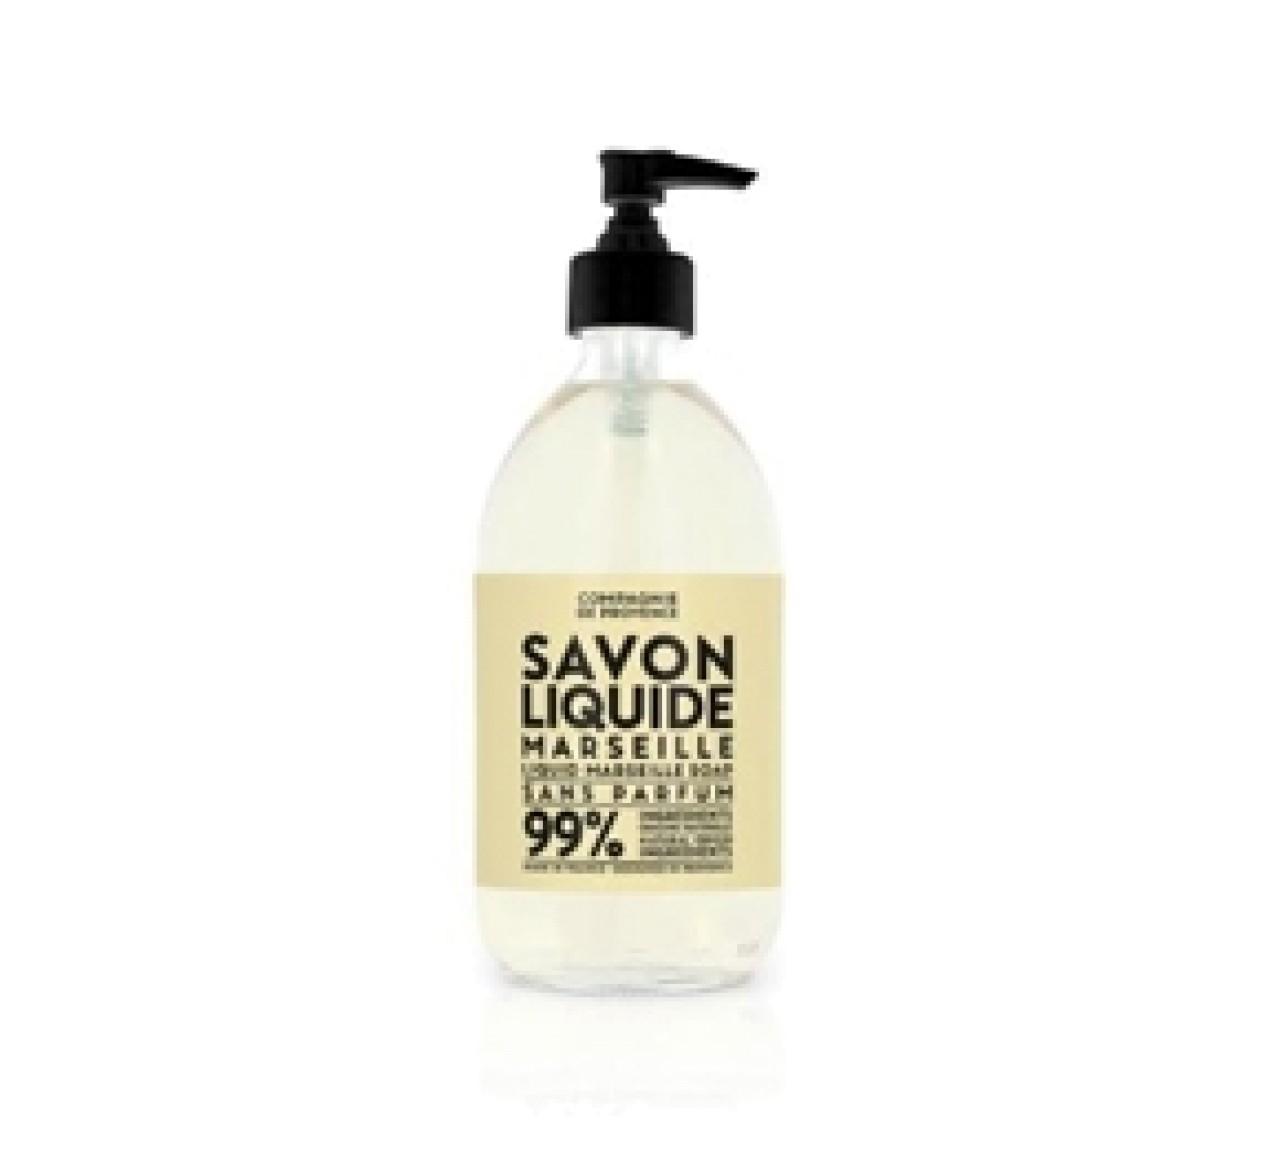 Sapone Liquido di Marsiglia Senza Profumo 500ml Compagnie de Provence Italia CPPF0106SL500SA-01